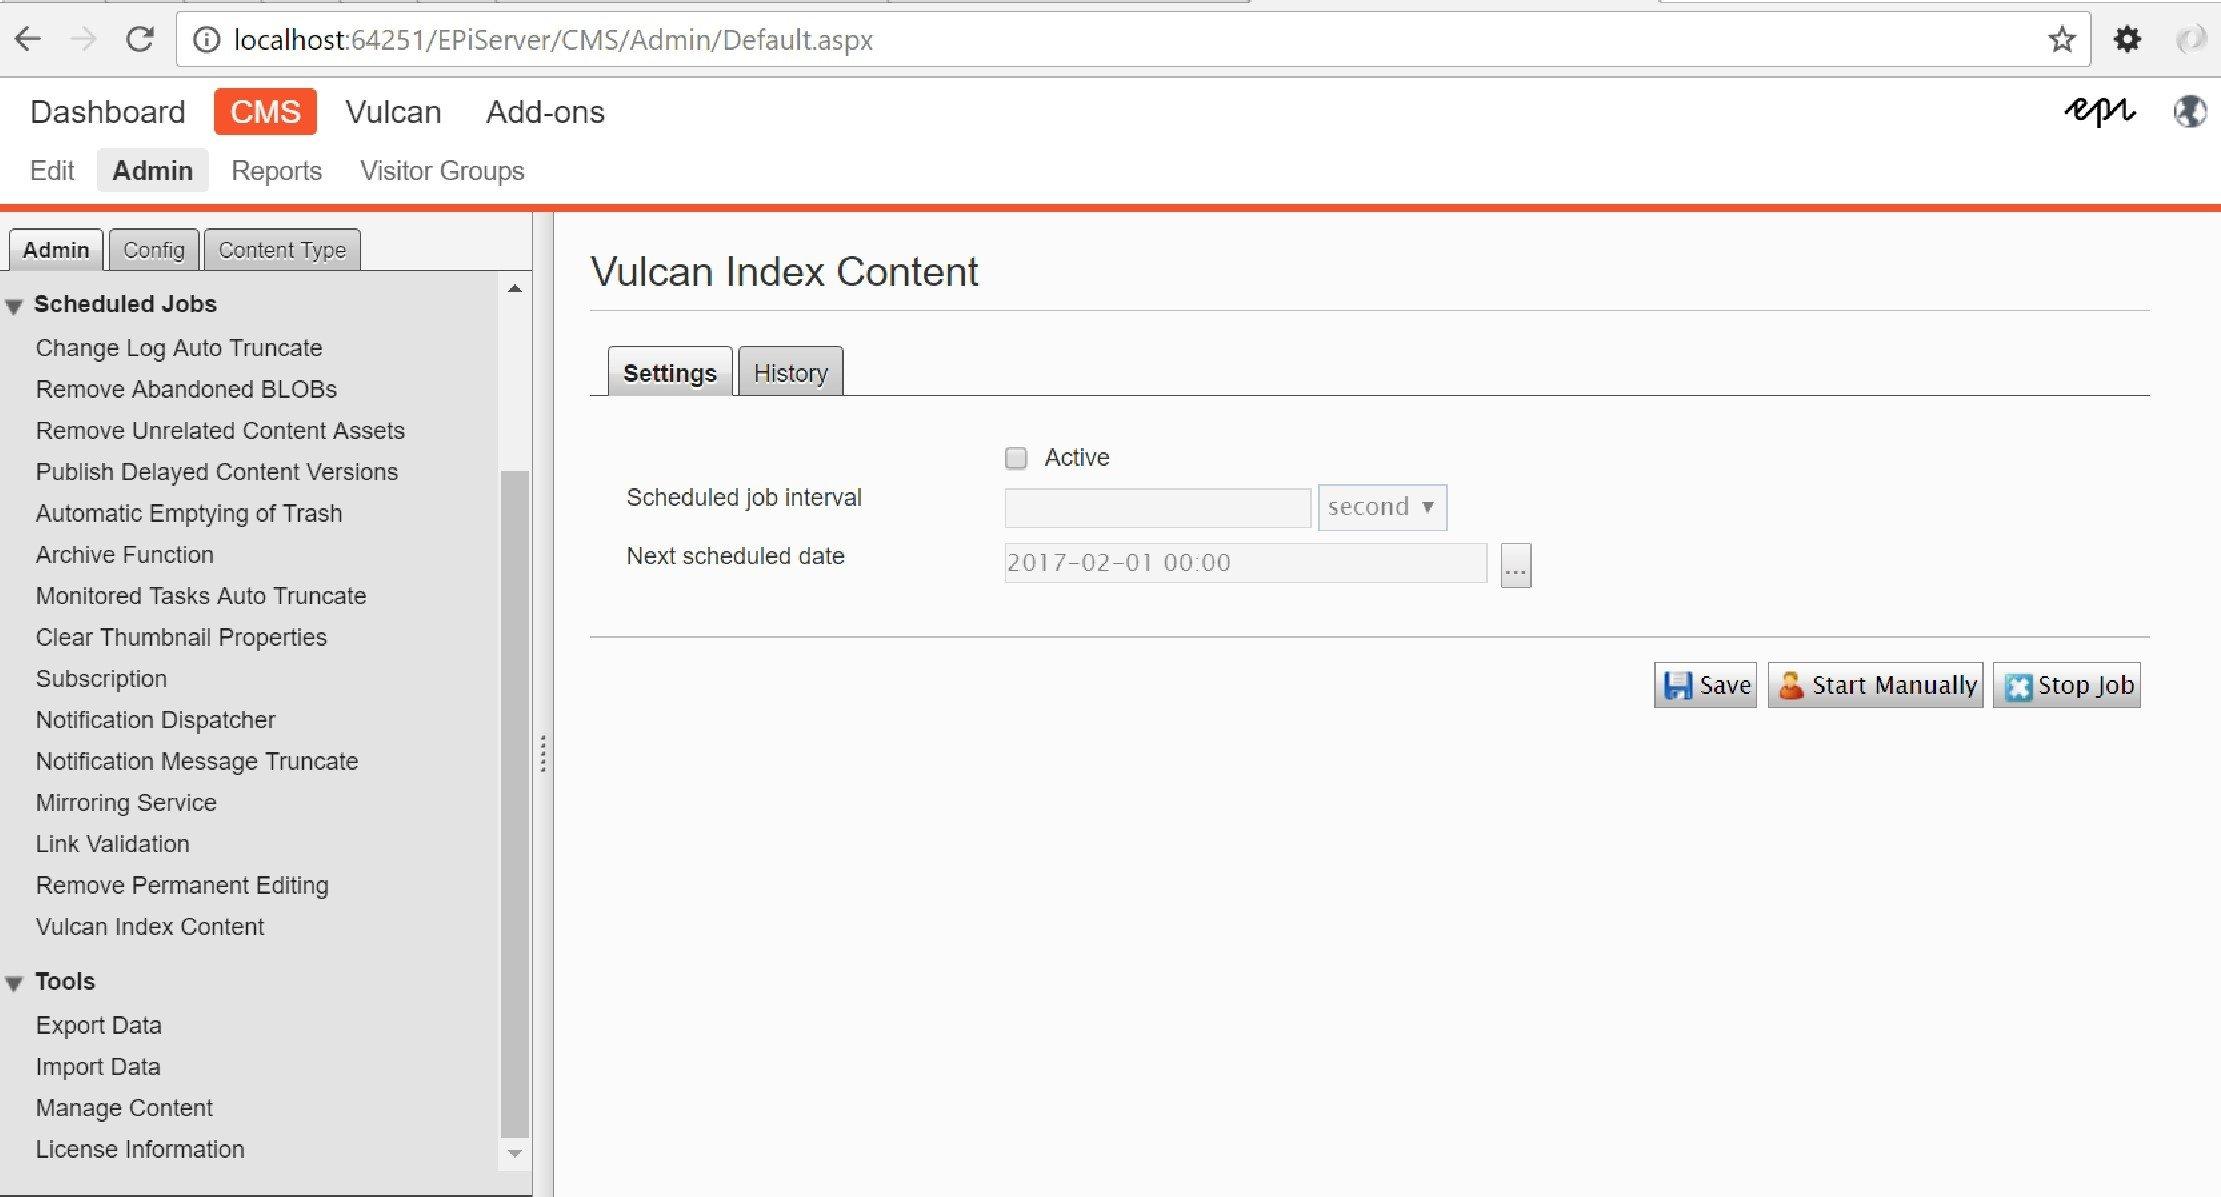 Vulcan index content